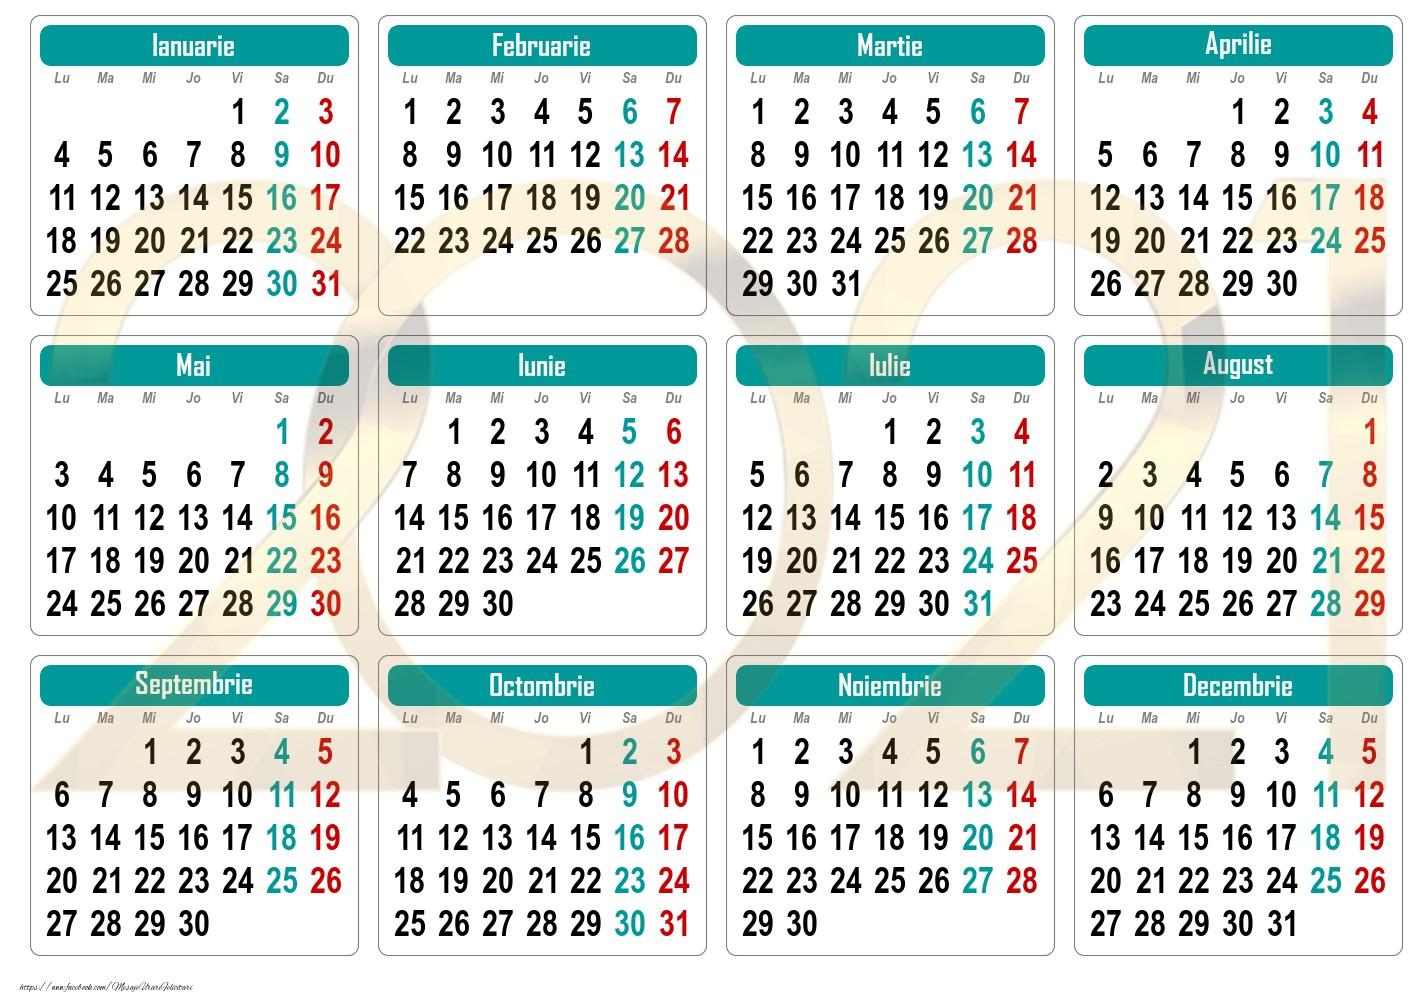 Imagini cu calendare - Calendar de buzunar 2021